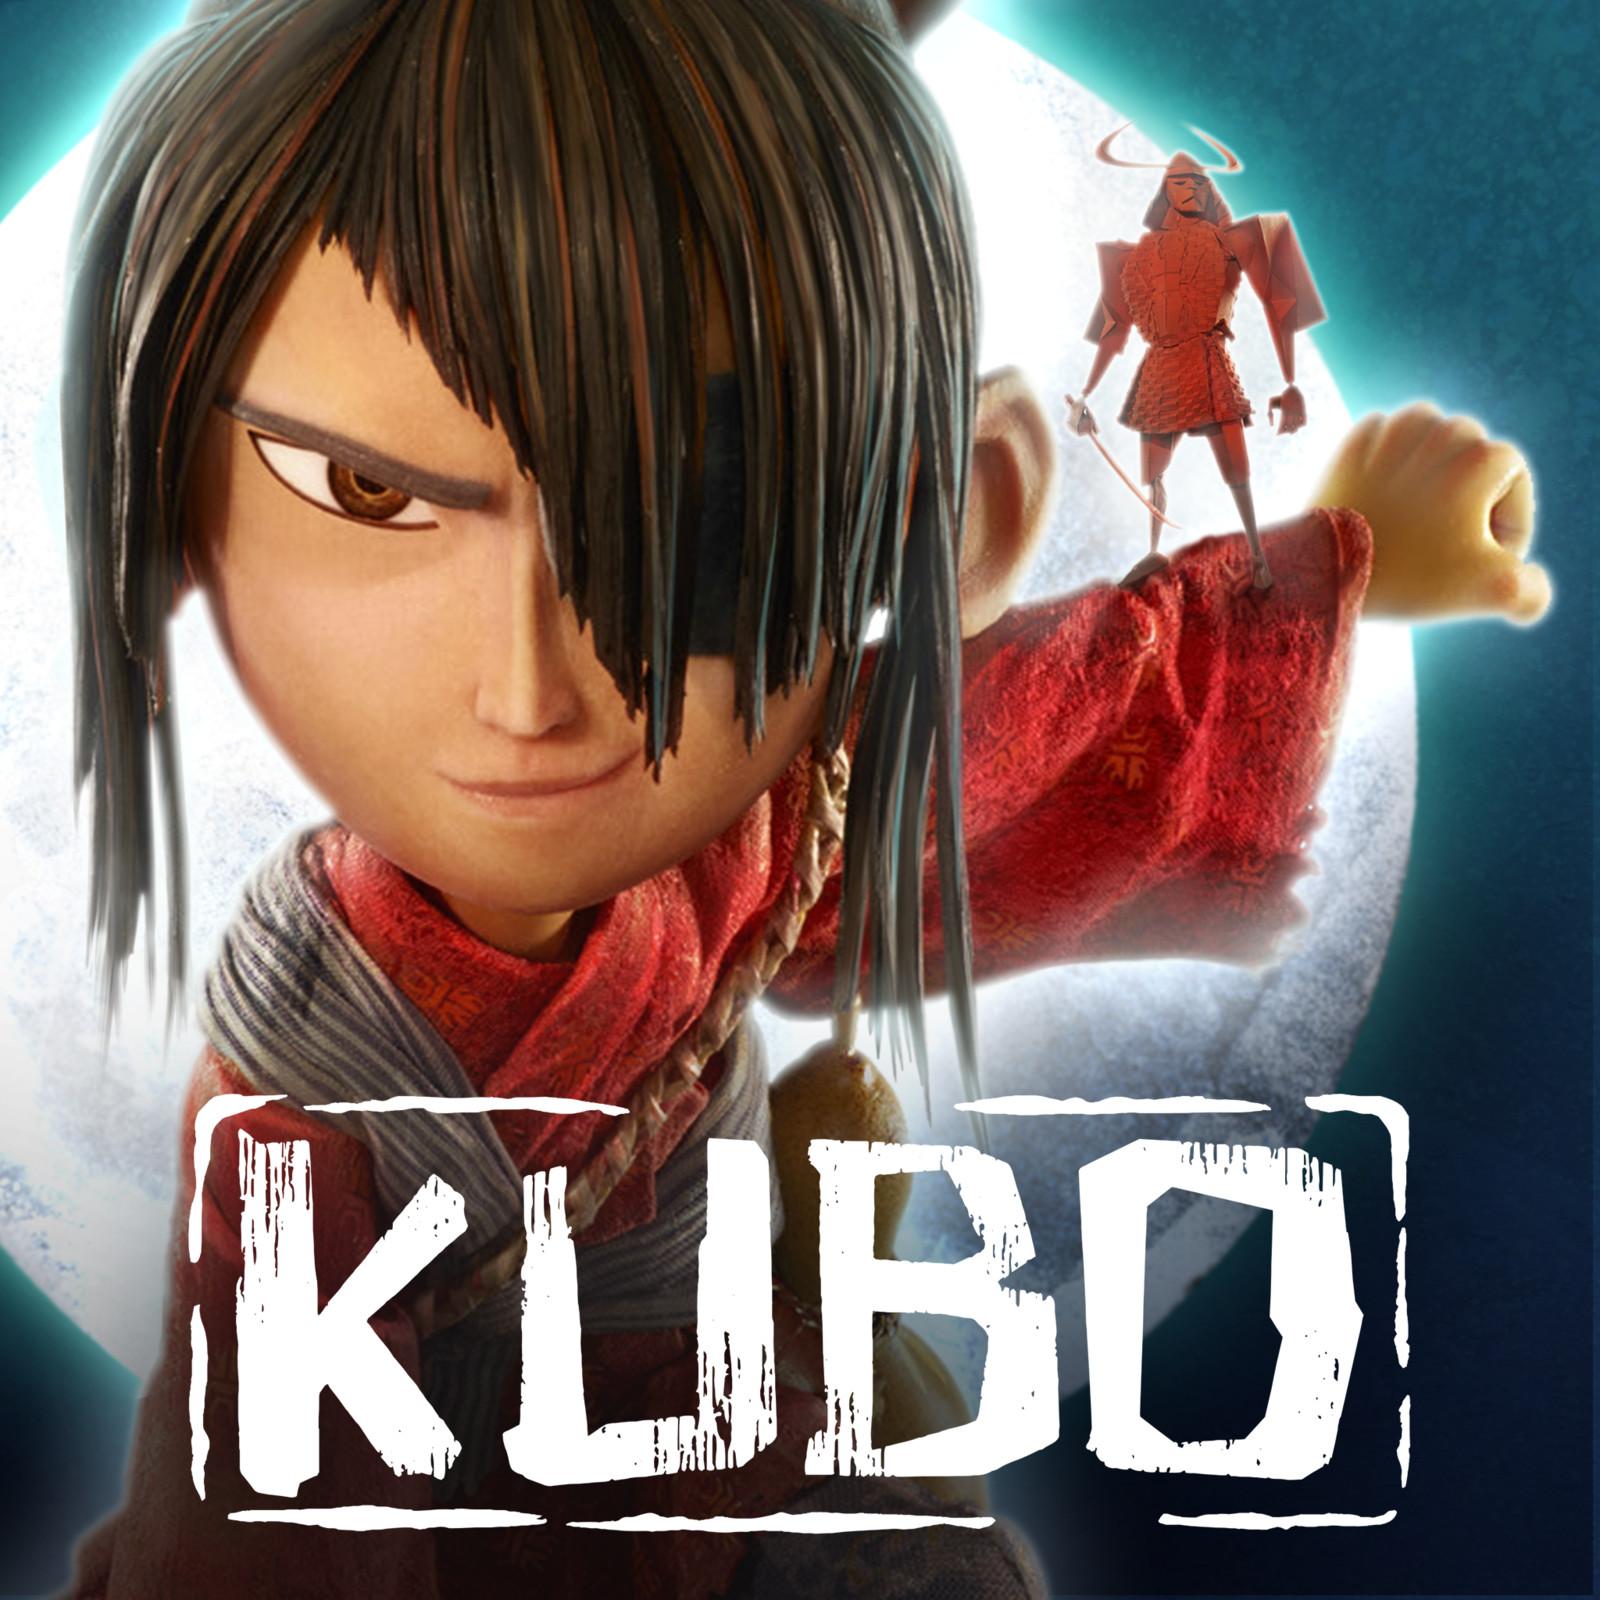 Kubo: marketing materials